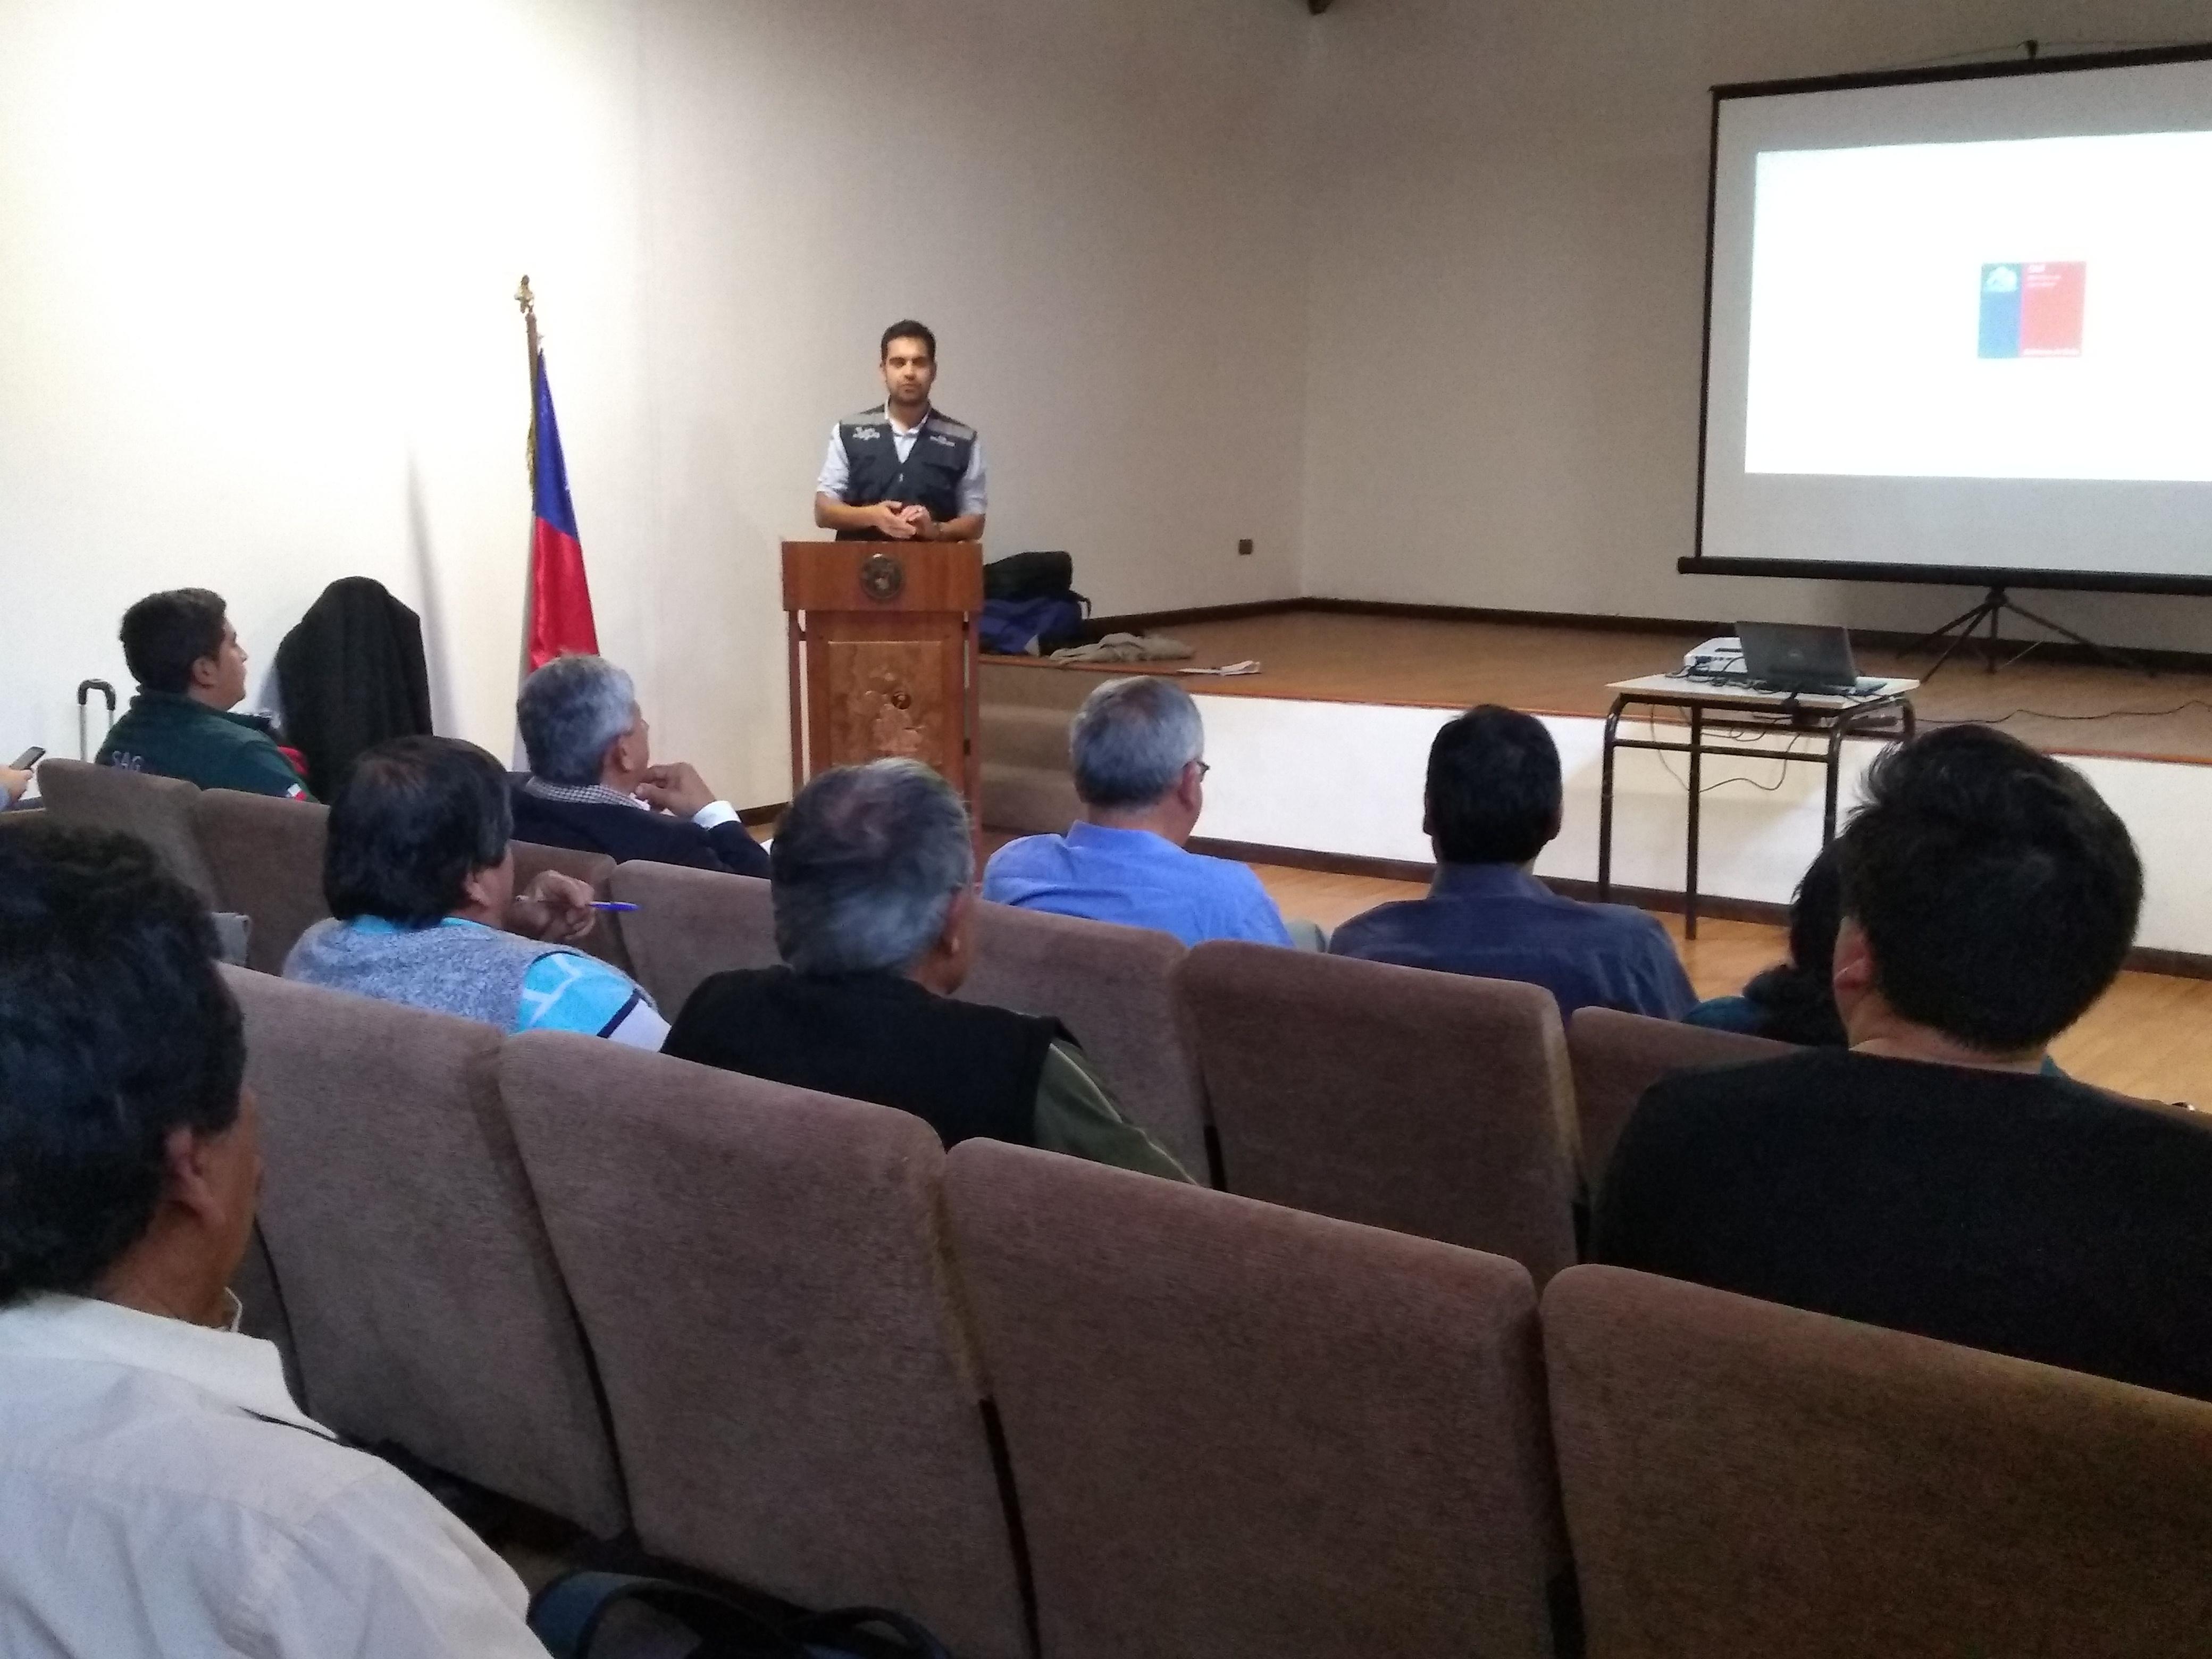 Comisión Nacional de Riego identifica desafíos en infraestructura de riego para valles de El Tránsito y El Carmen